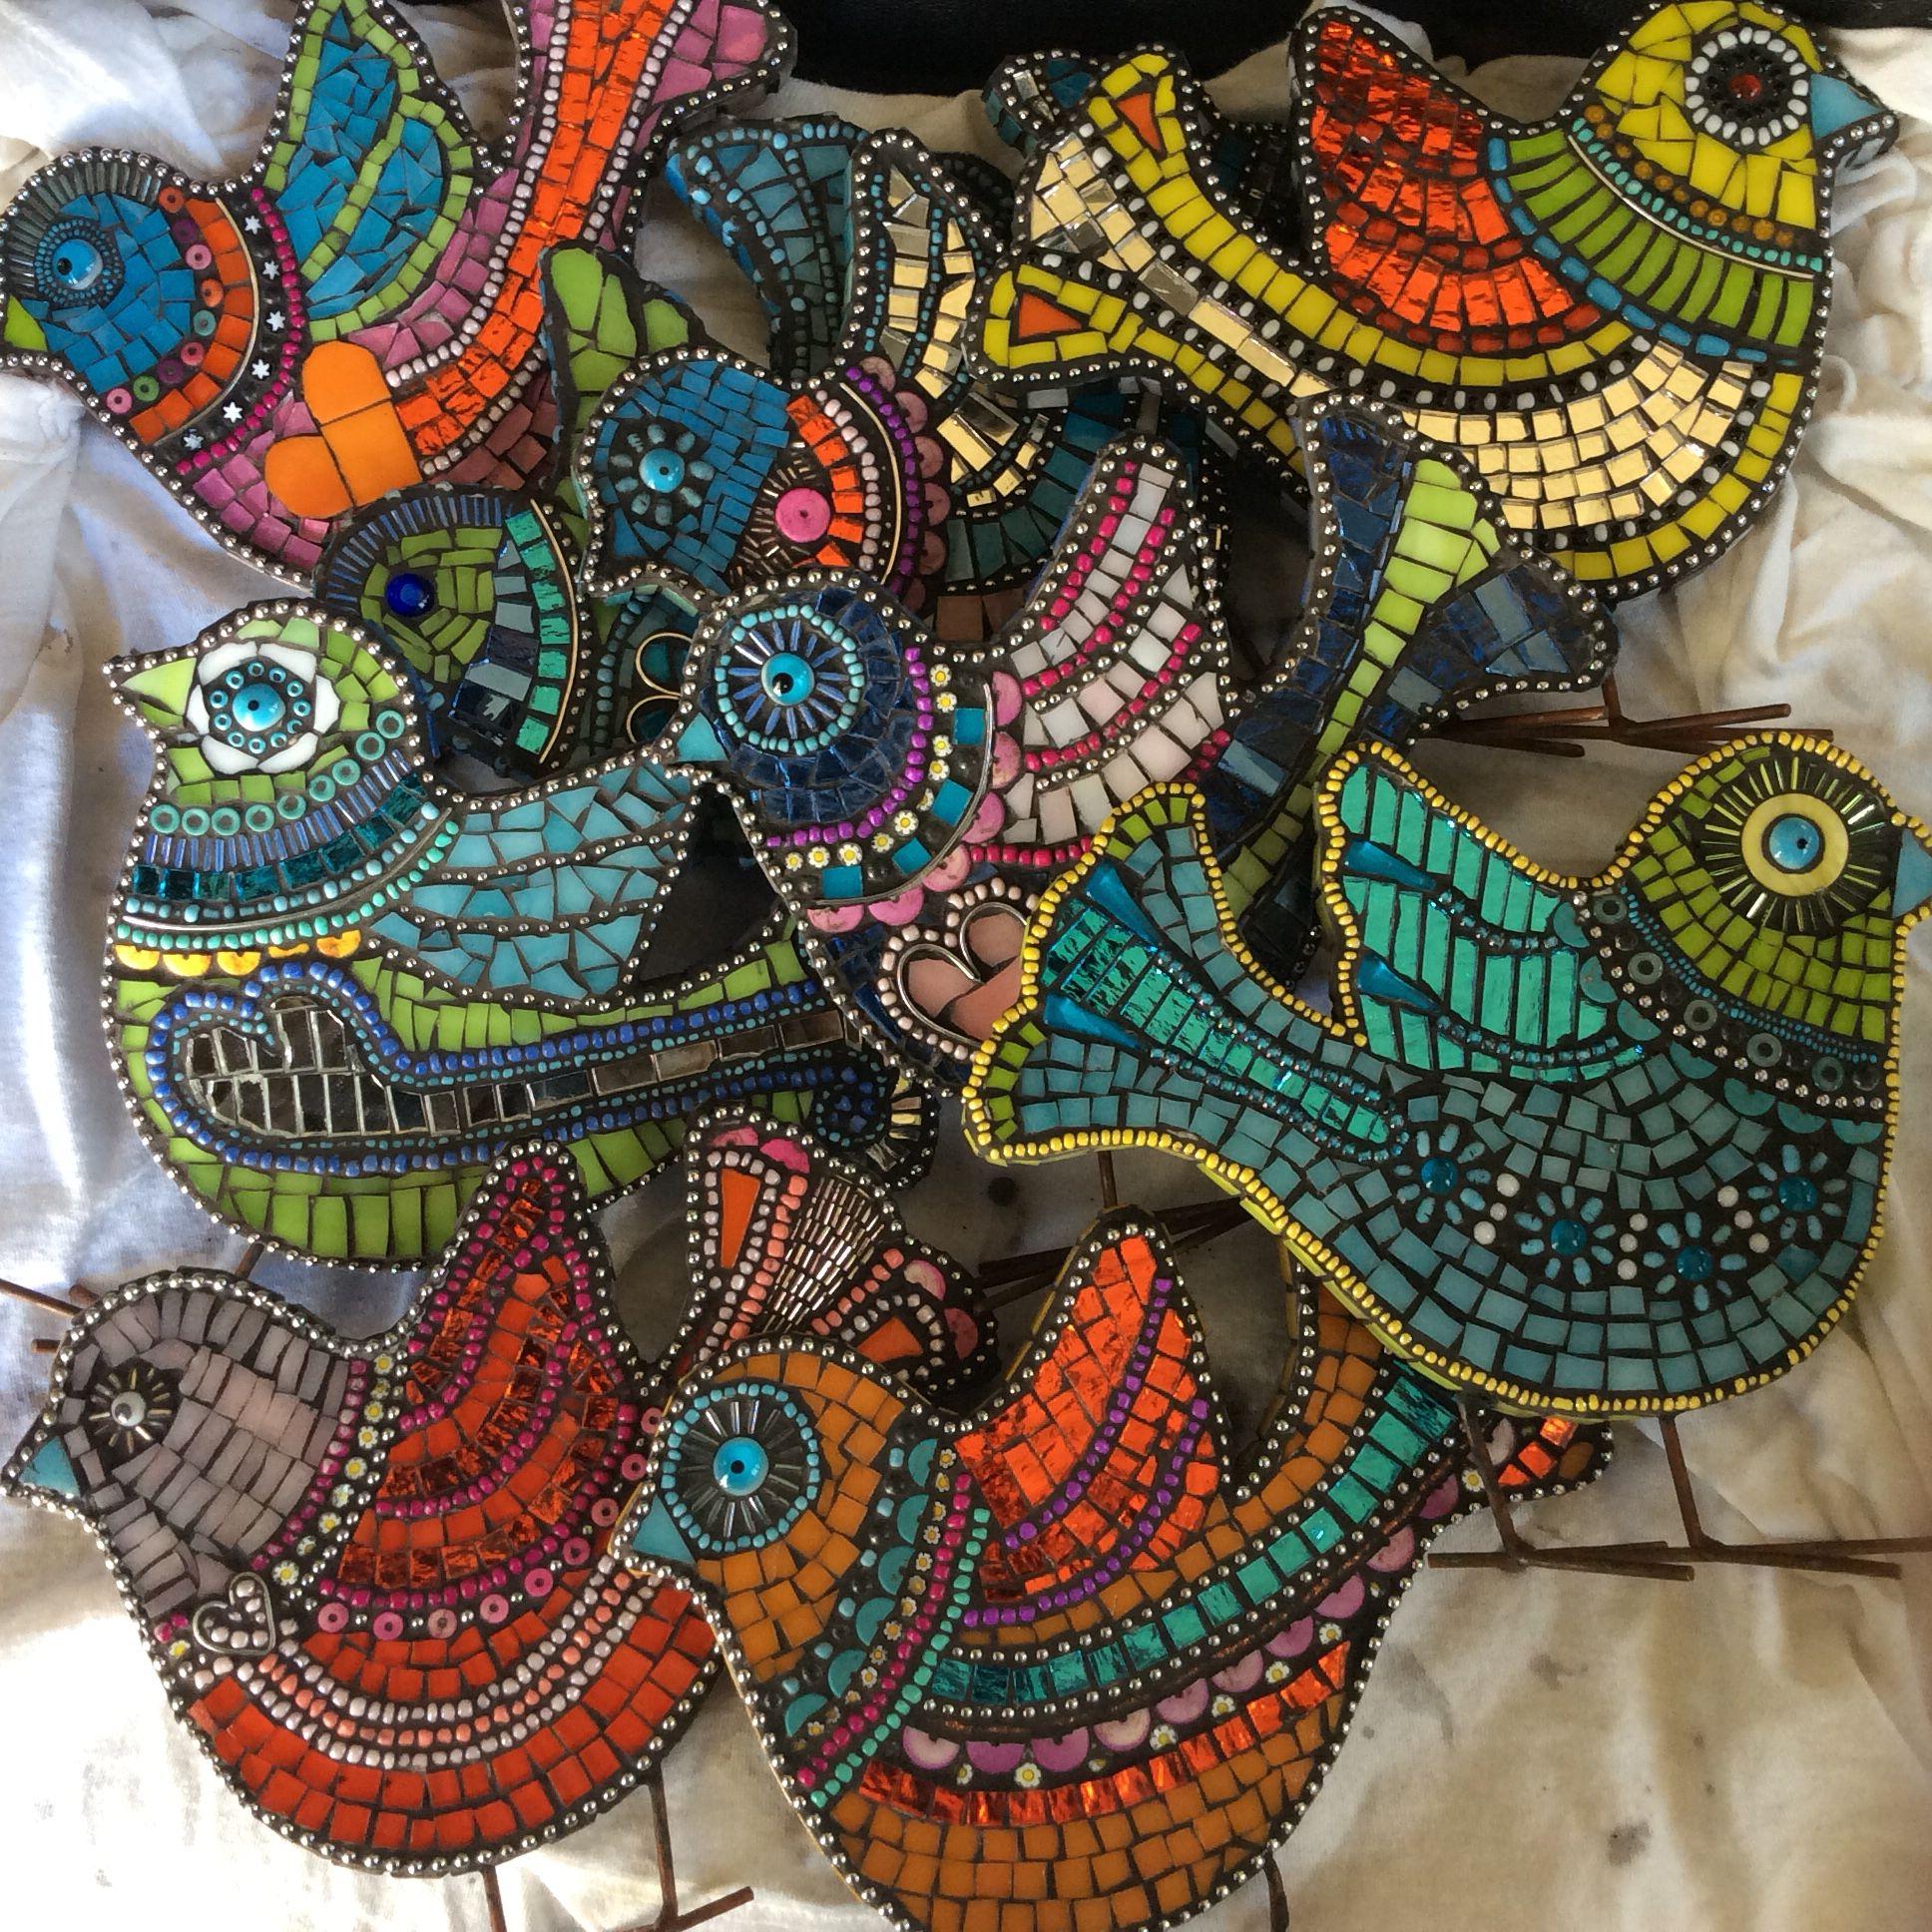 Mosaic birdies | mosaics | Pinterest